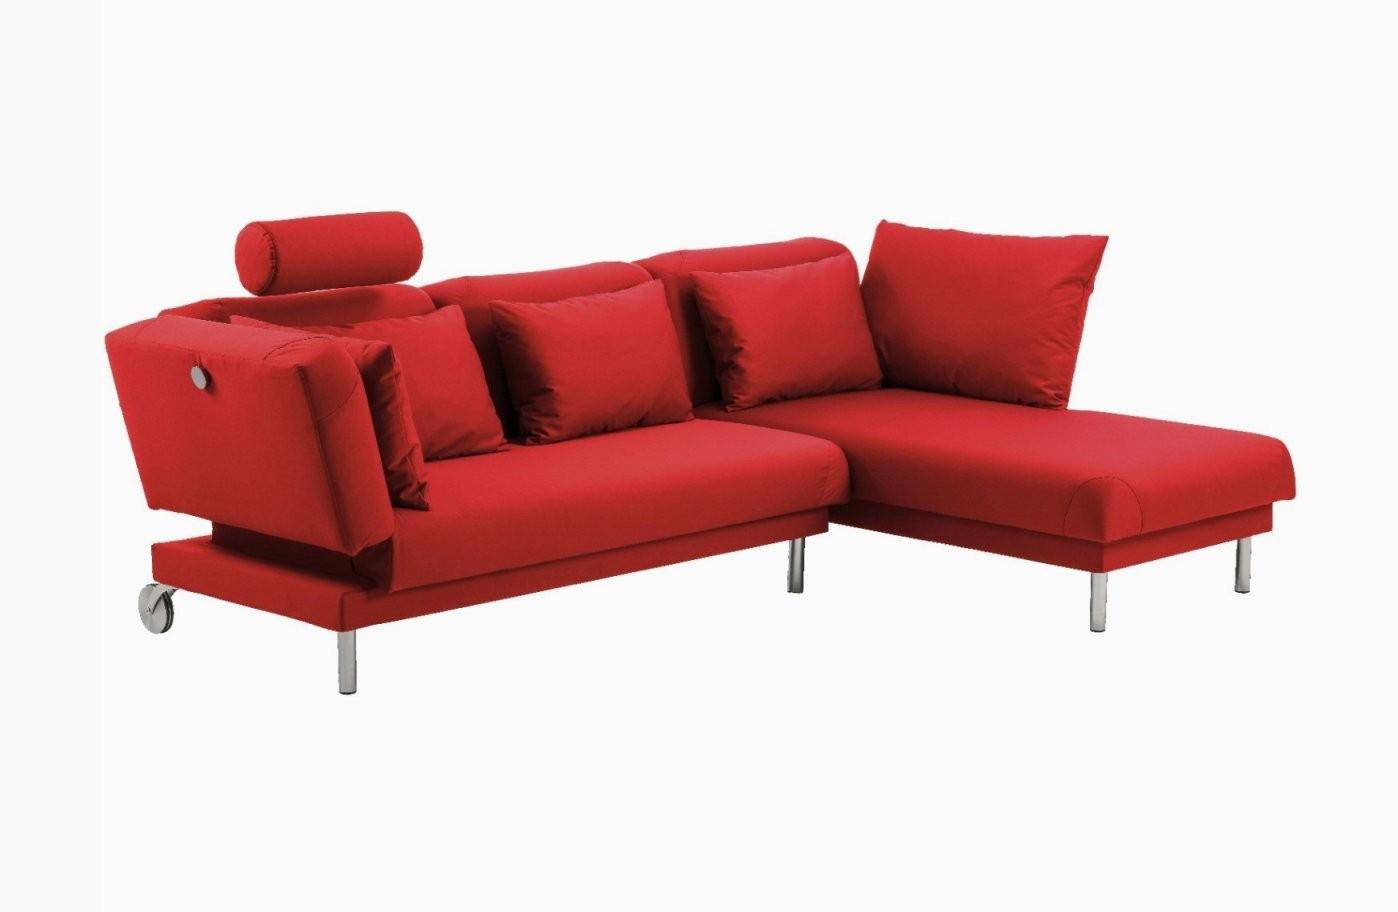 30 Beseelt Schlafsofa Nach Vorn Ausziehbar Meinung Von Sofa Zum von Couch Zweisitzer Zum Ausziehen Photo